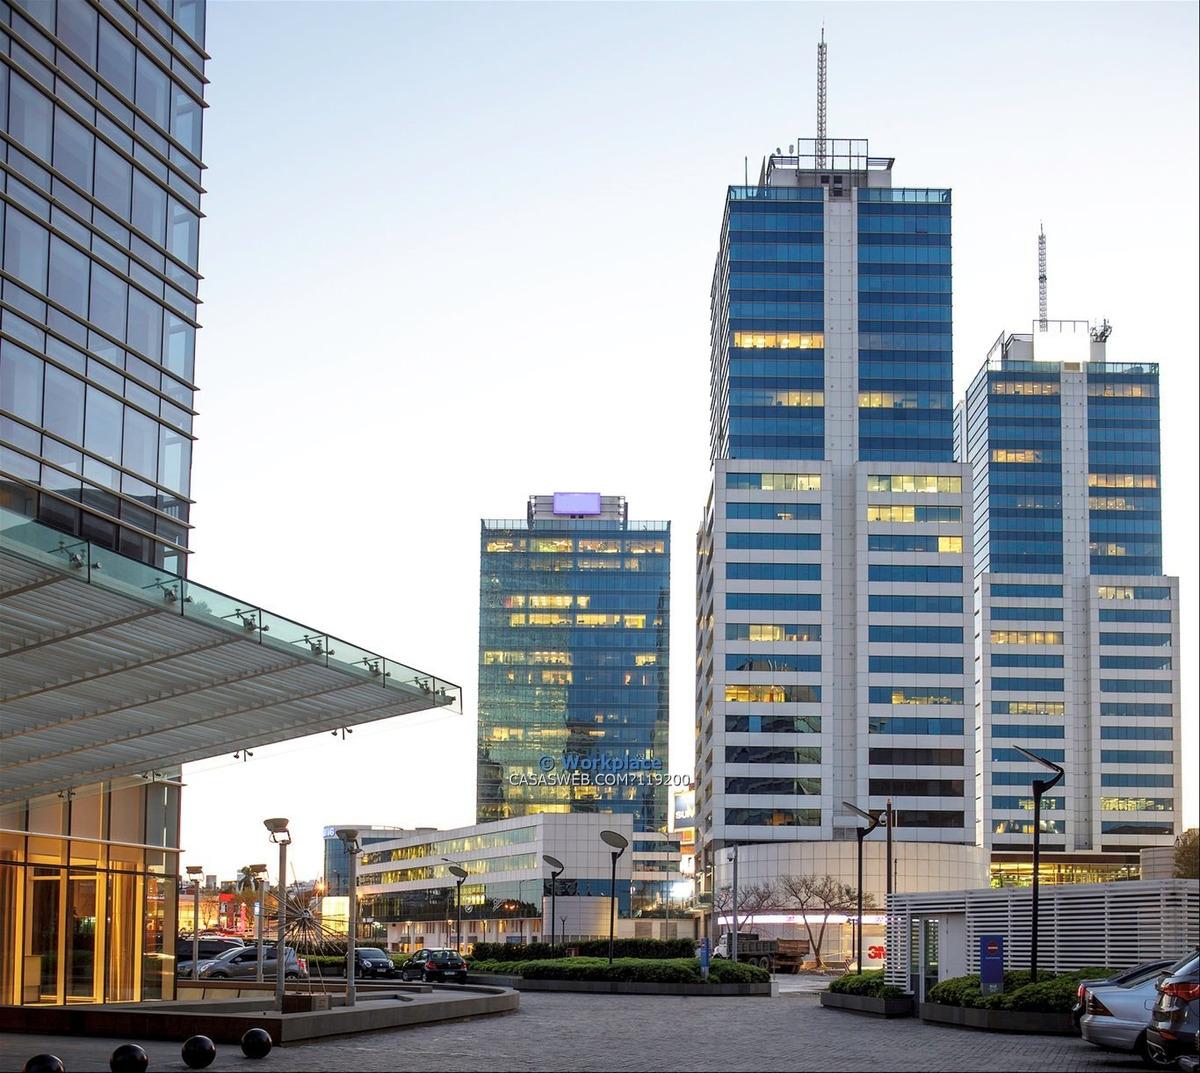 oficina world trade center - alquiler o venta - buceo